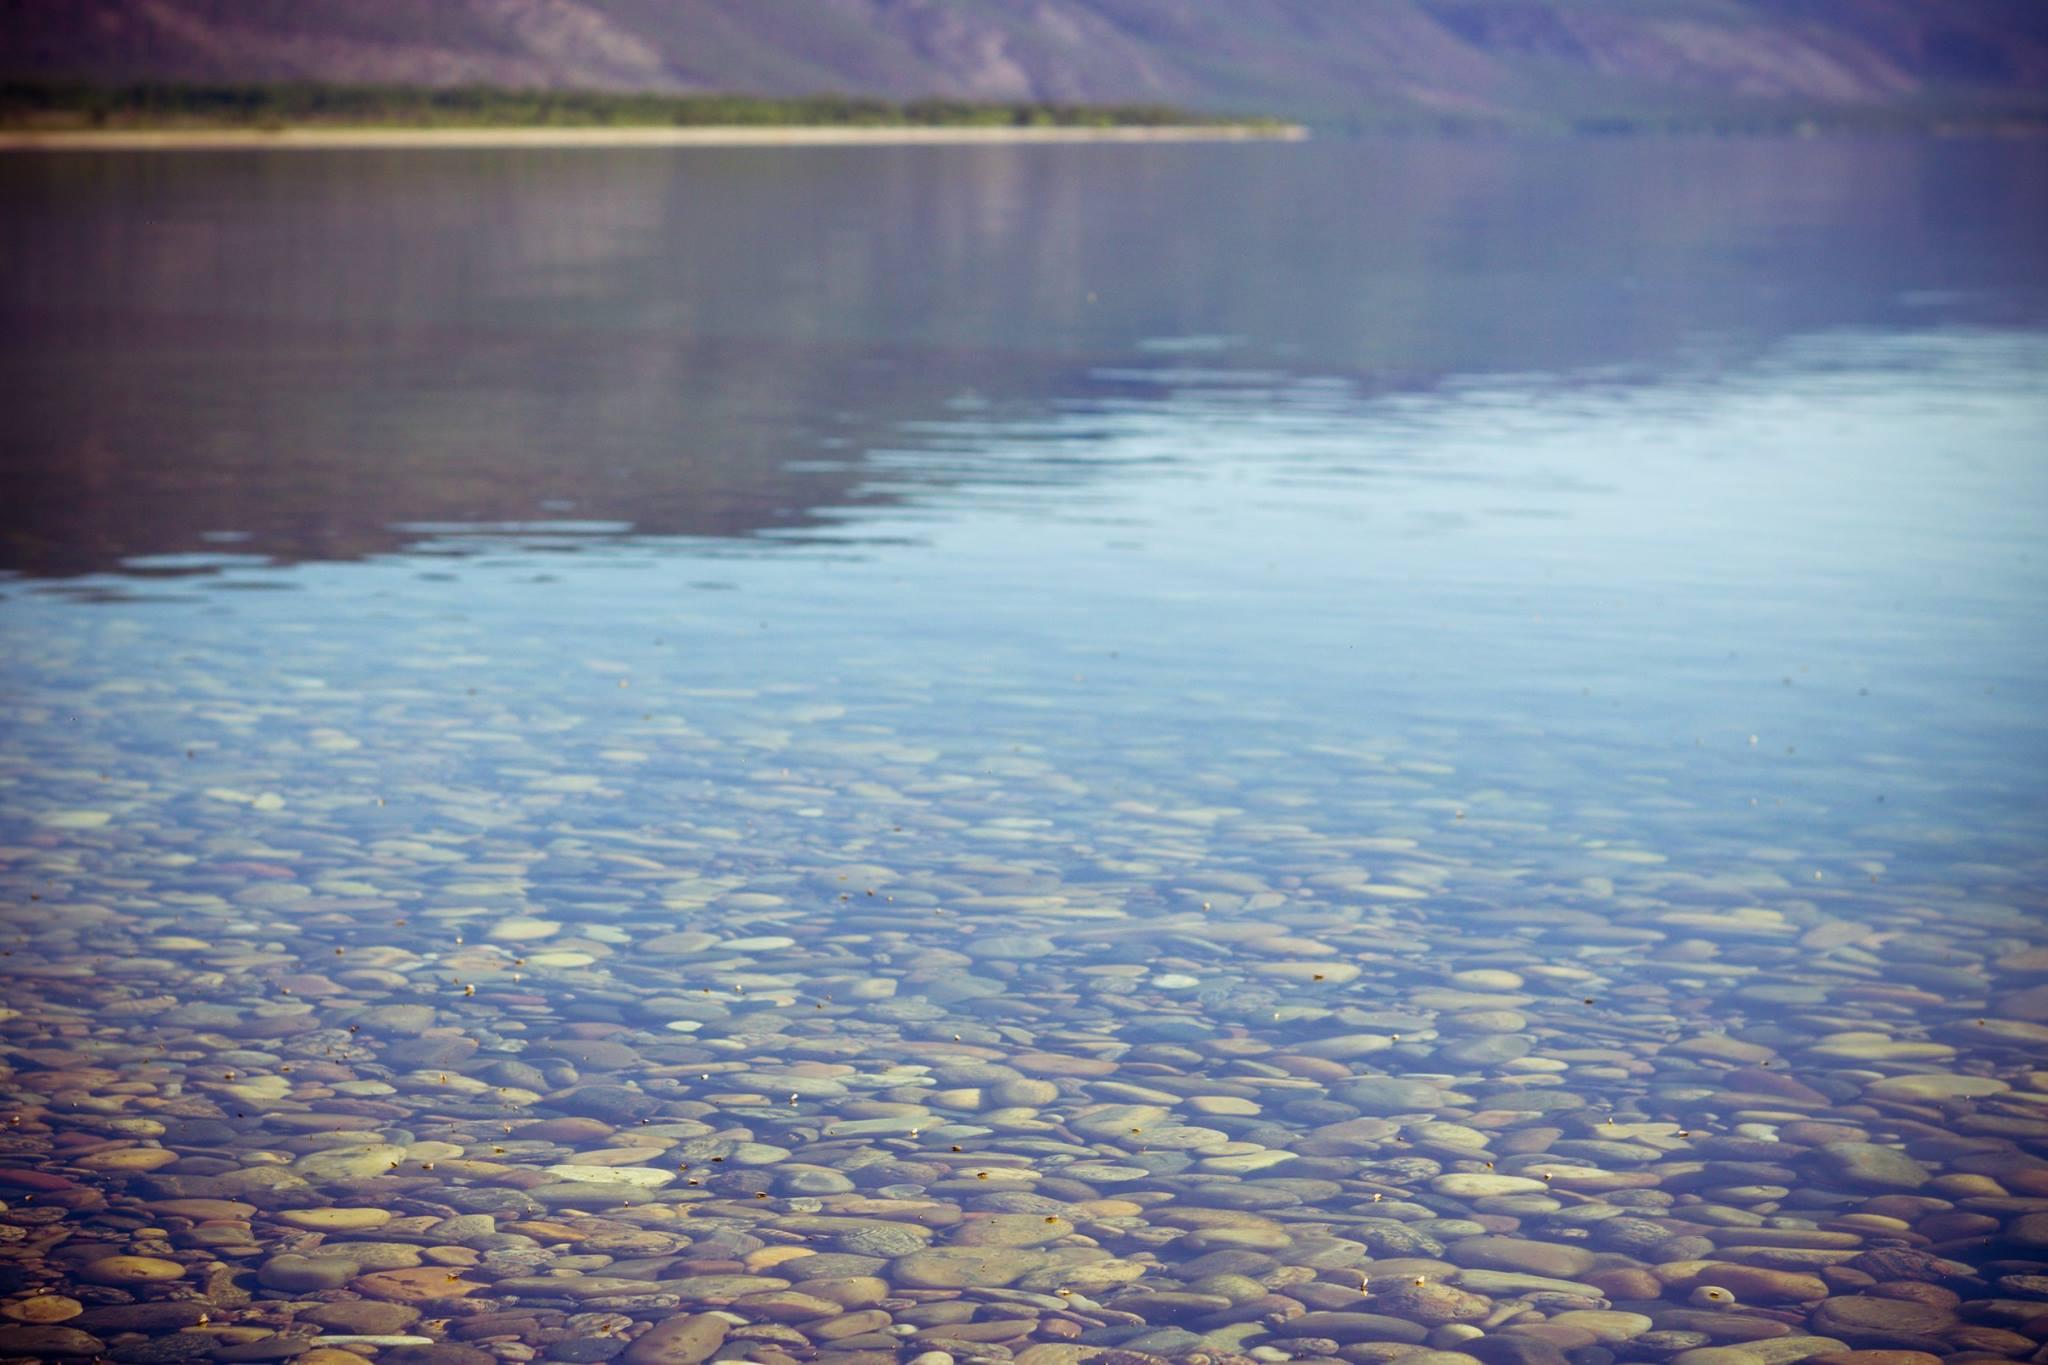 То съдържа около 20% от водния резерв и се смята за един от най-чистите водни басейни в света. Не е изненадващо, че въпросът за разрешаване на износа на вода от Байкал често бива повдиган.